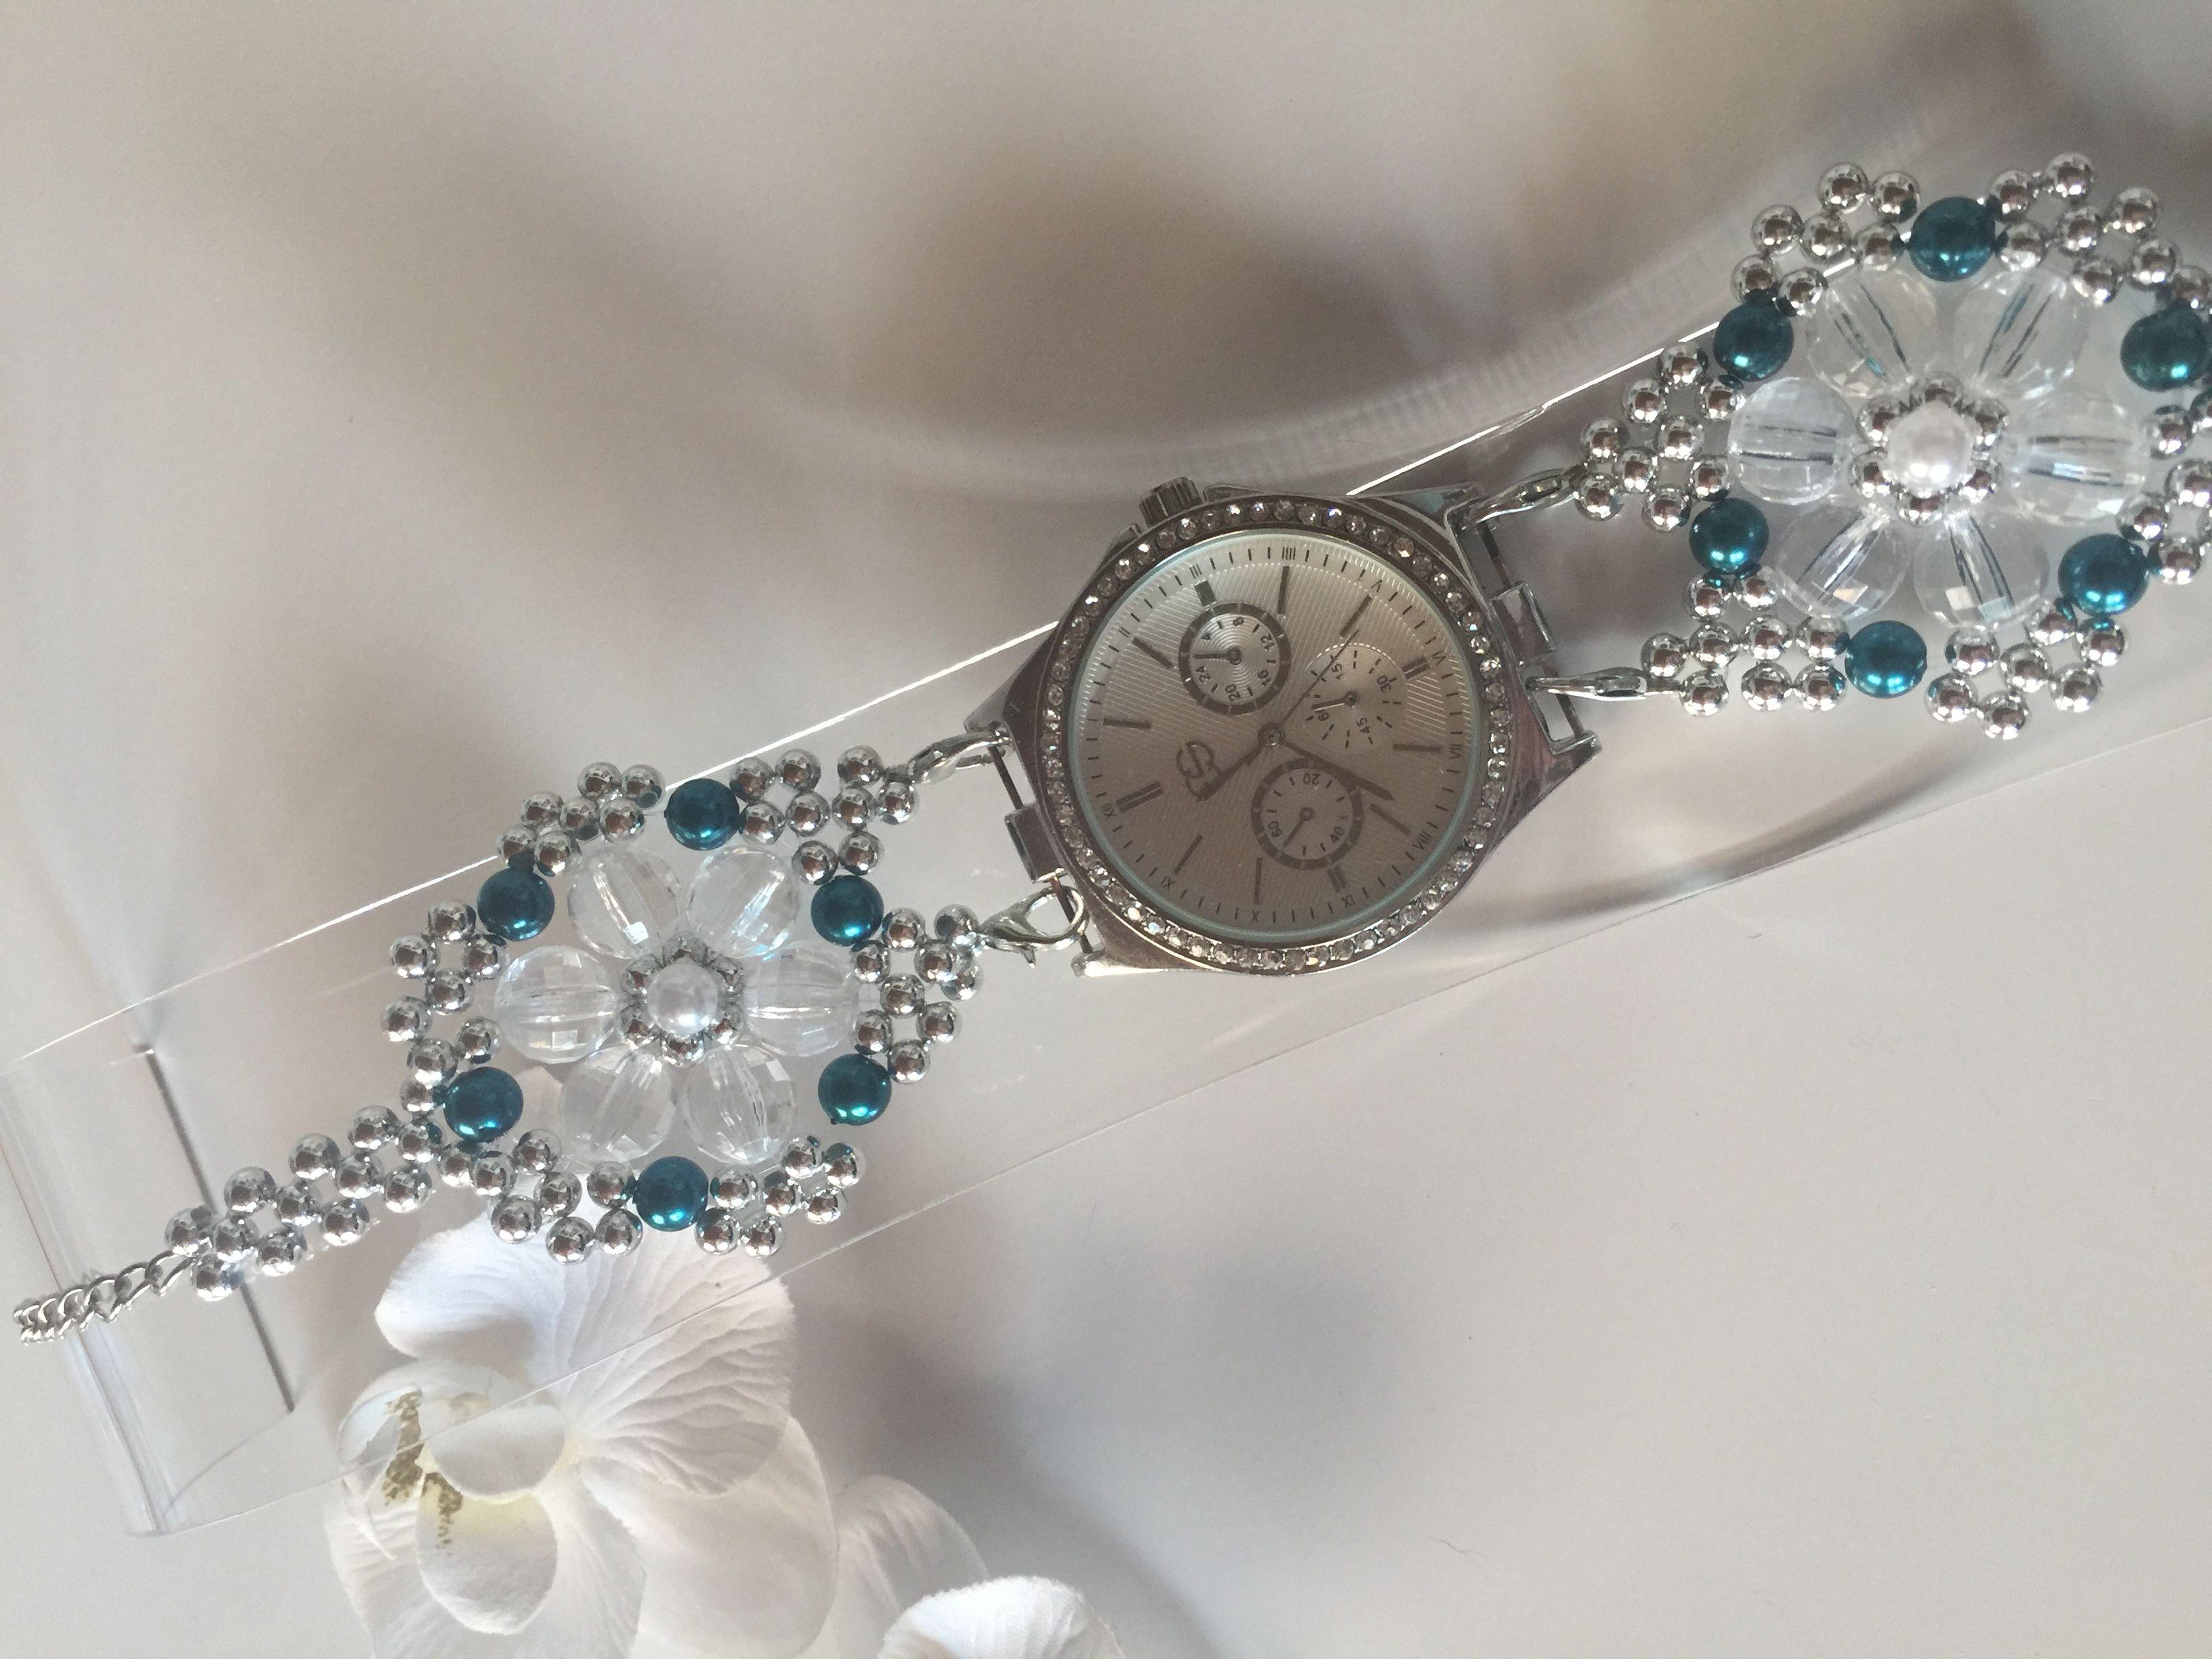 Perlenarmbanduhr (55)  Ich verwende für meinen Schmuck den ich fertigte ausschließlich hochwertige Glasperlen, Glasschliffperlen, Acrylperlen, Rocailles-Delica und Glaswachsperlen. Gefädelt mit Fireline und Nylon.